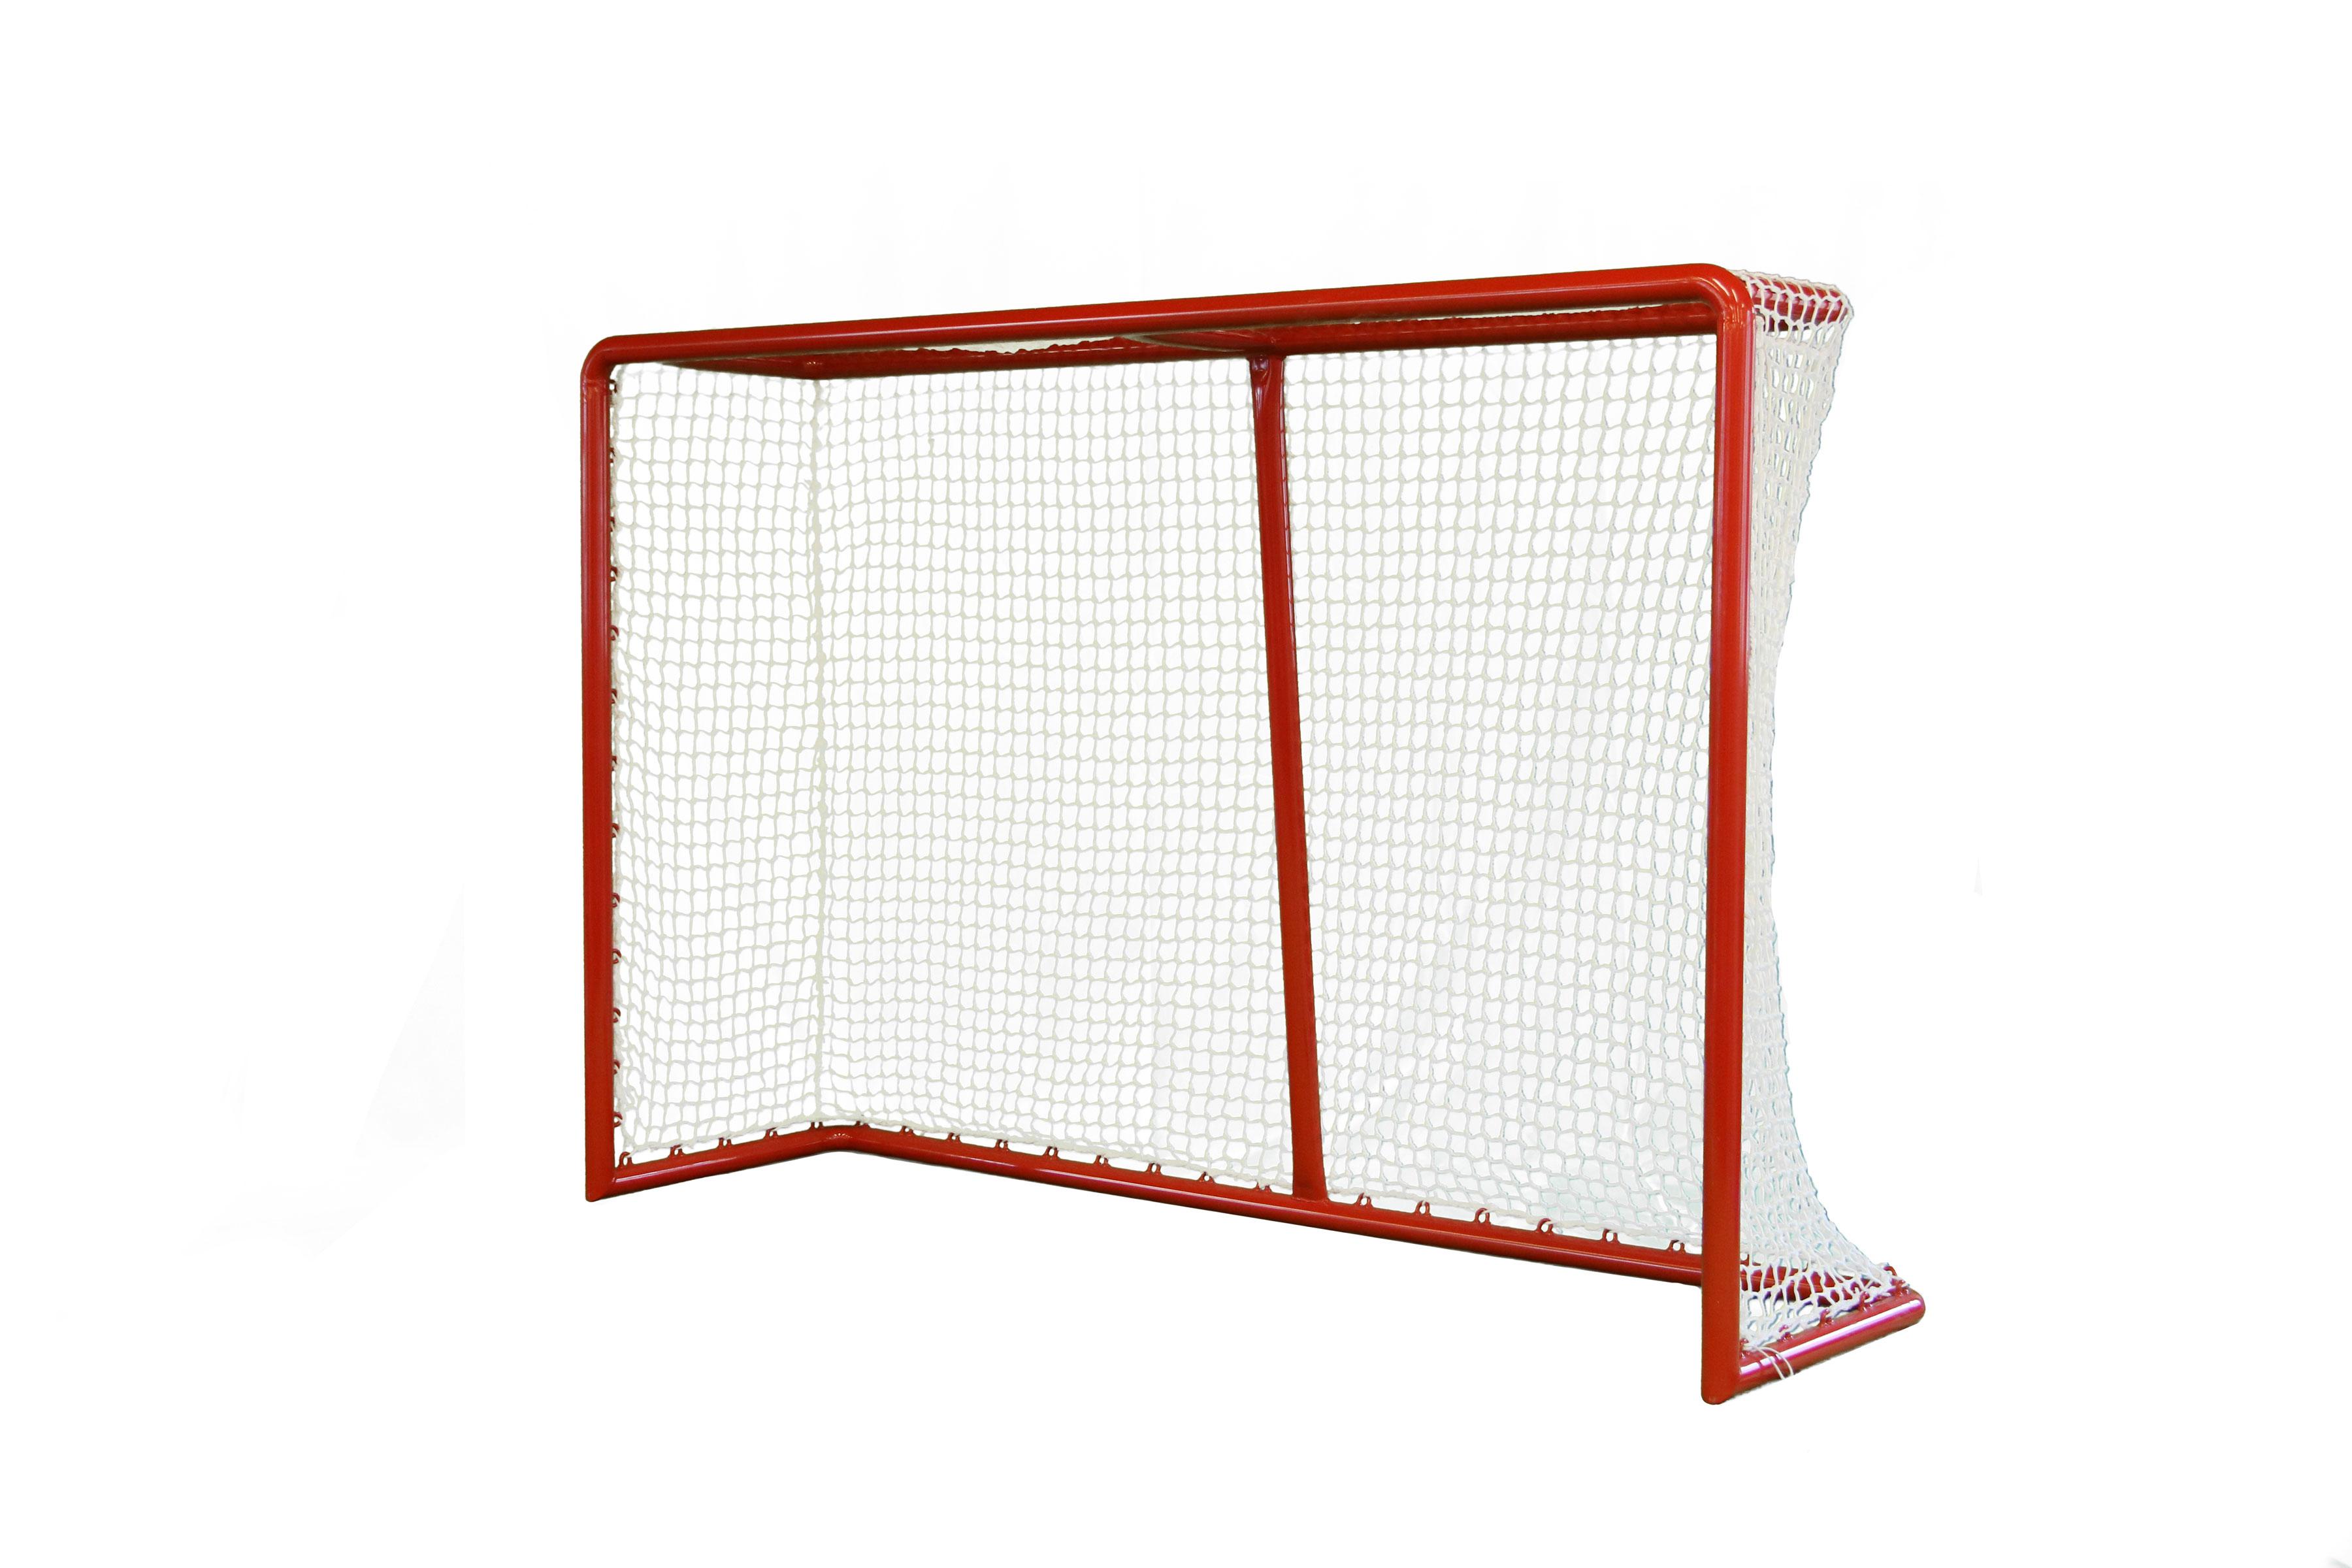 Veľká hokejová bránka